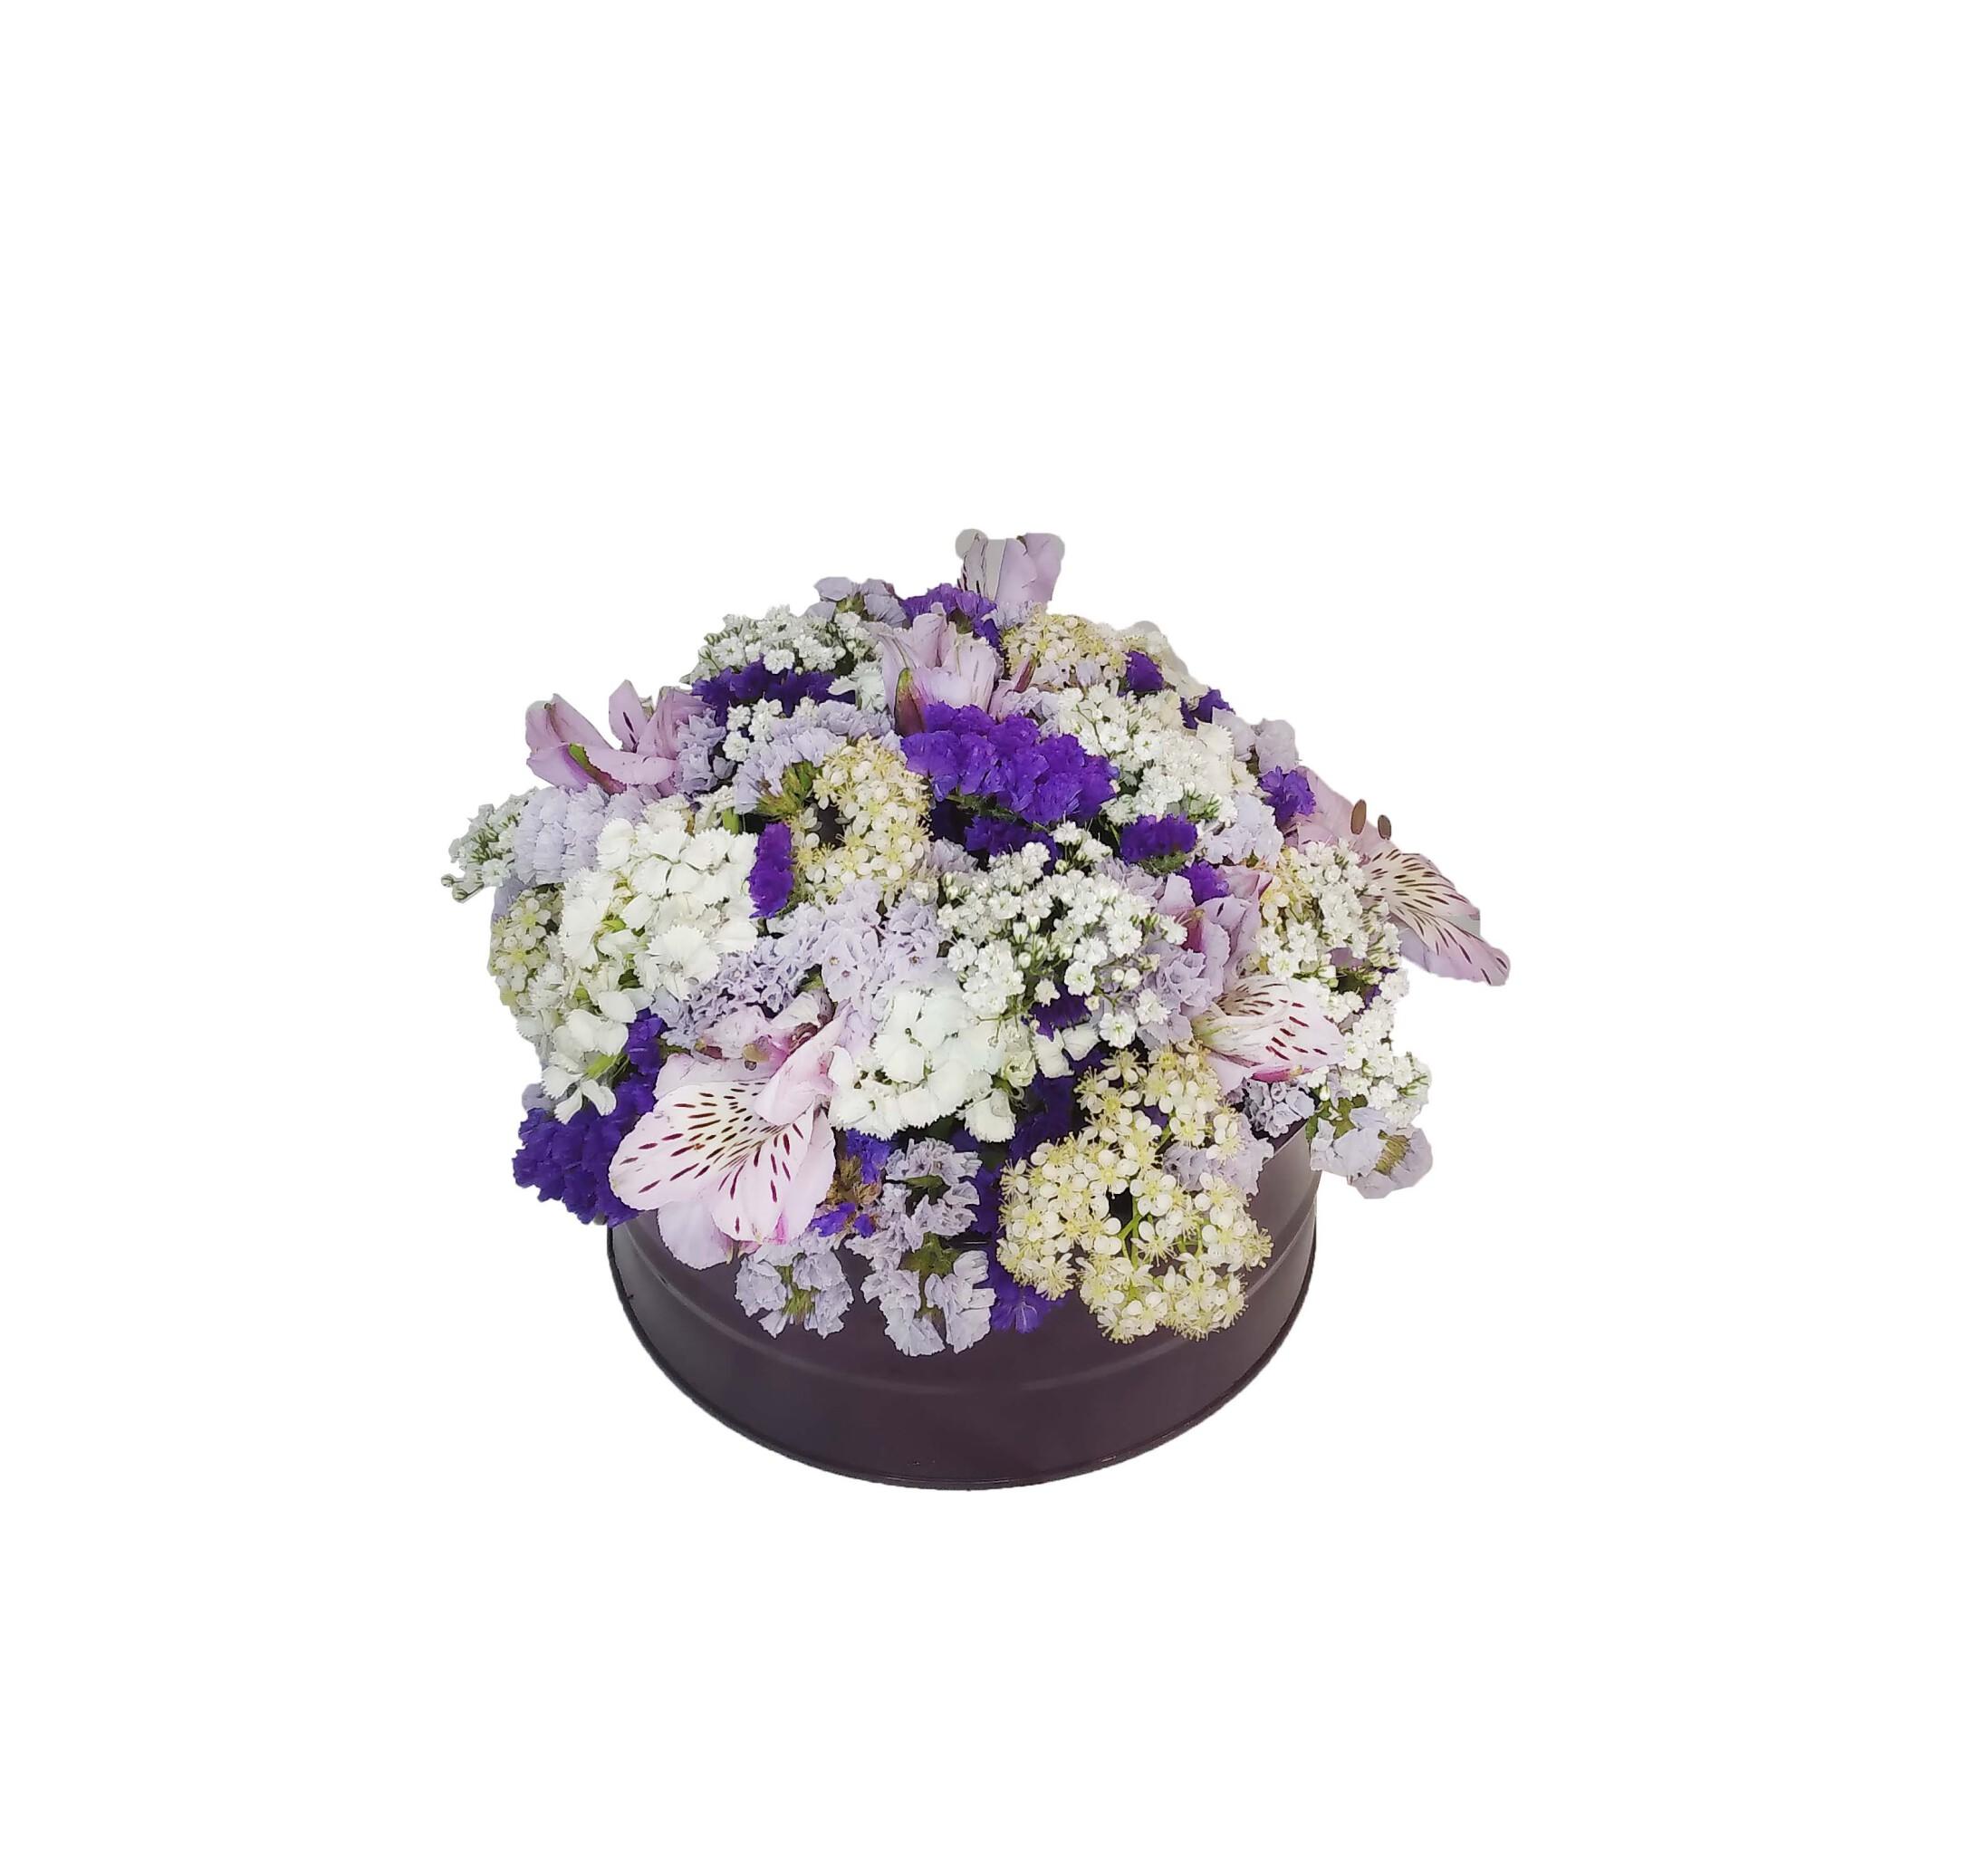 خرید و قیمت باکس گل نور دیده سفارش باکس گل زیبا باکس گل ارزان قیمت باکس گل ساده گل ایرانی